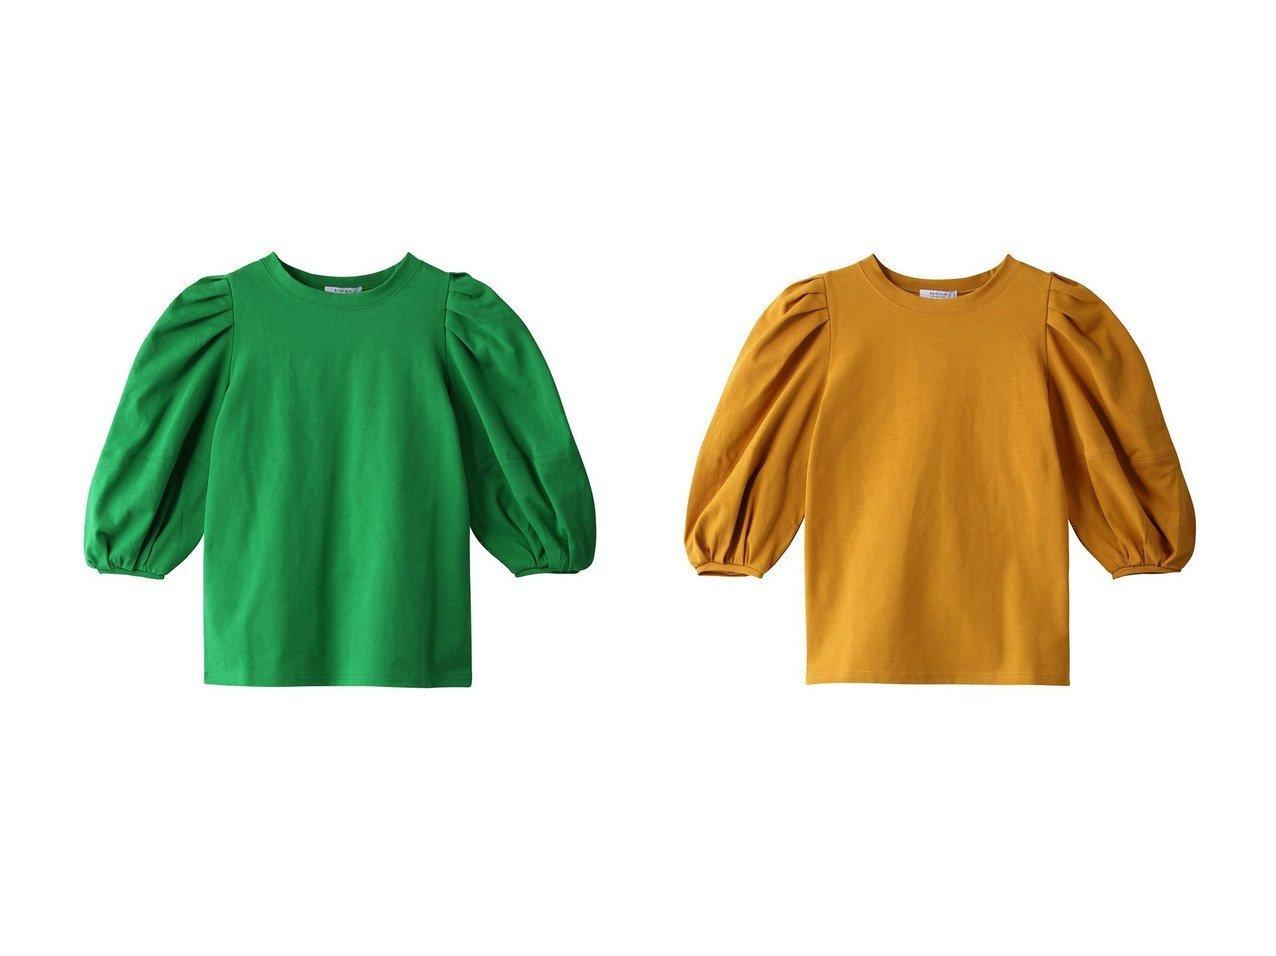 【ROSE BUD/ローズバッド】のボリュームスリーブカットソー 【トップス・カットソー】おすすめ!人気、トレンド・レディースファッションの通販 おすすめで人気の流行・トレンド、ファッションの通販商品 インテリア・家具・メンズファッション・キッズファッション・レディースファッション・服の通販 founy(ファニー) https://founy.com/ ファッション Fashion レディースファッション WOMEN トップス・カットソー Tops/Tshirt シャツ/ブラウス Shirts/Blouses ロング / Tシャツ T-Shirts カットソー Cut and Sewn ボリュームスリーブ / フリル袖 Volume Sleeve カットソー スリーブ トレンド フレア ロング 今季 |ID:crp329100000071298